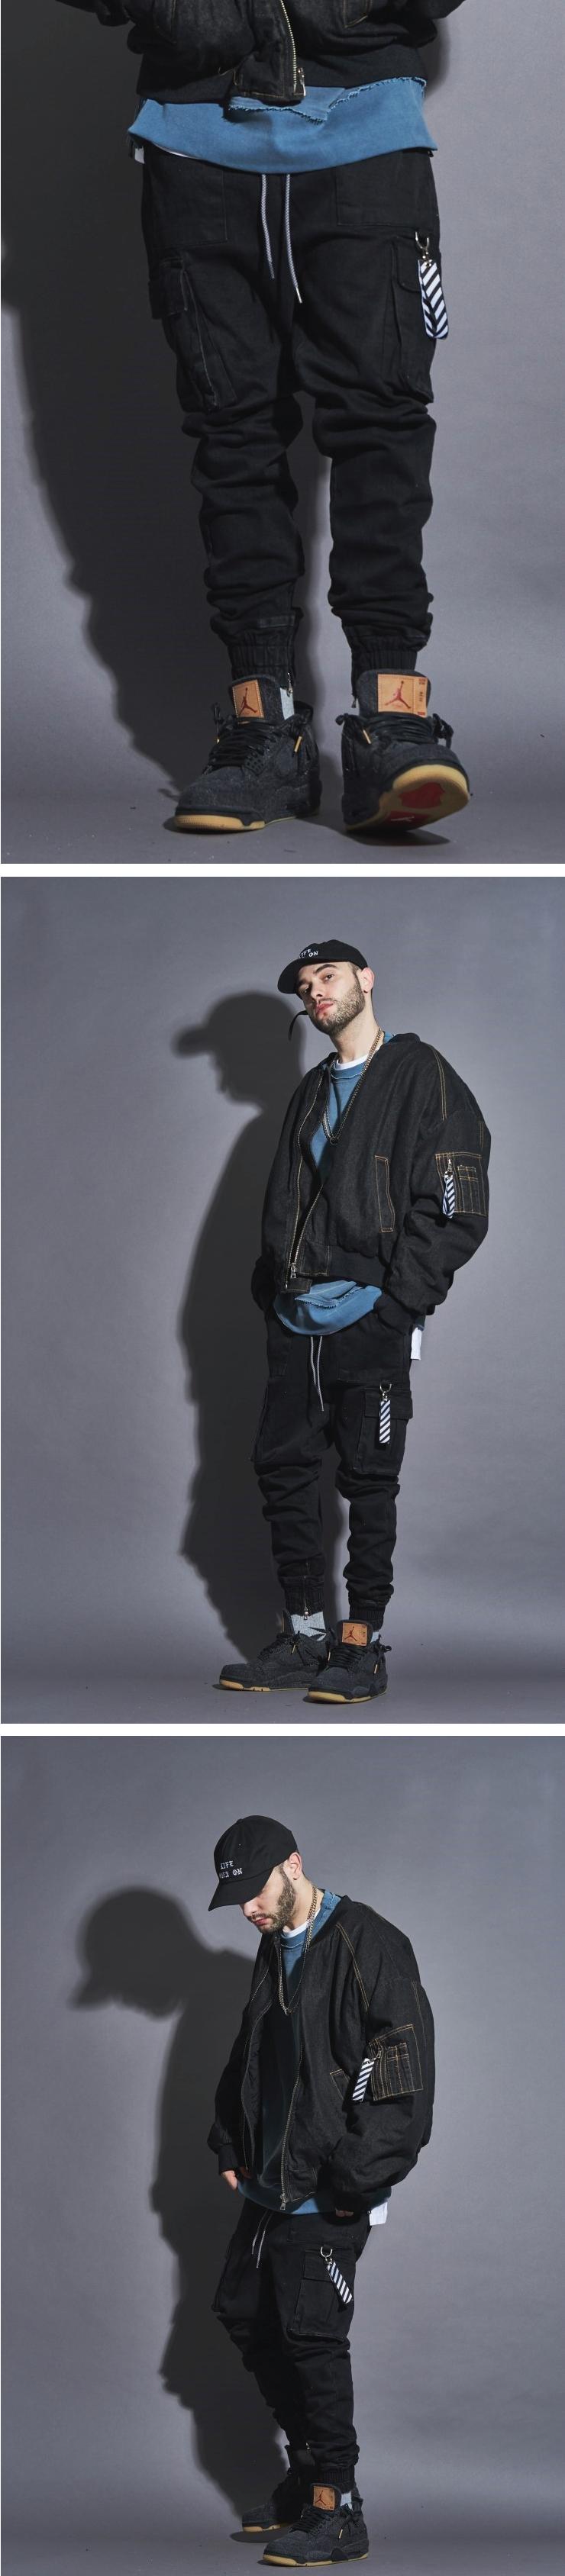 라울(LAUL) [재입고]COMFORTABLE CARGO JOGGER PANTS BLACK  컴포터블 카고 조거팬츠 블랙